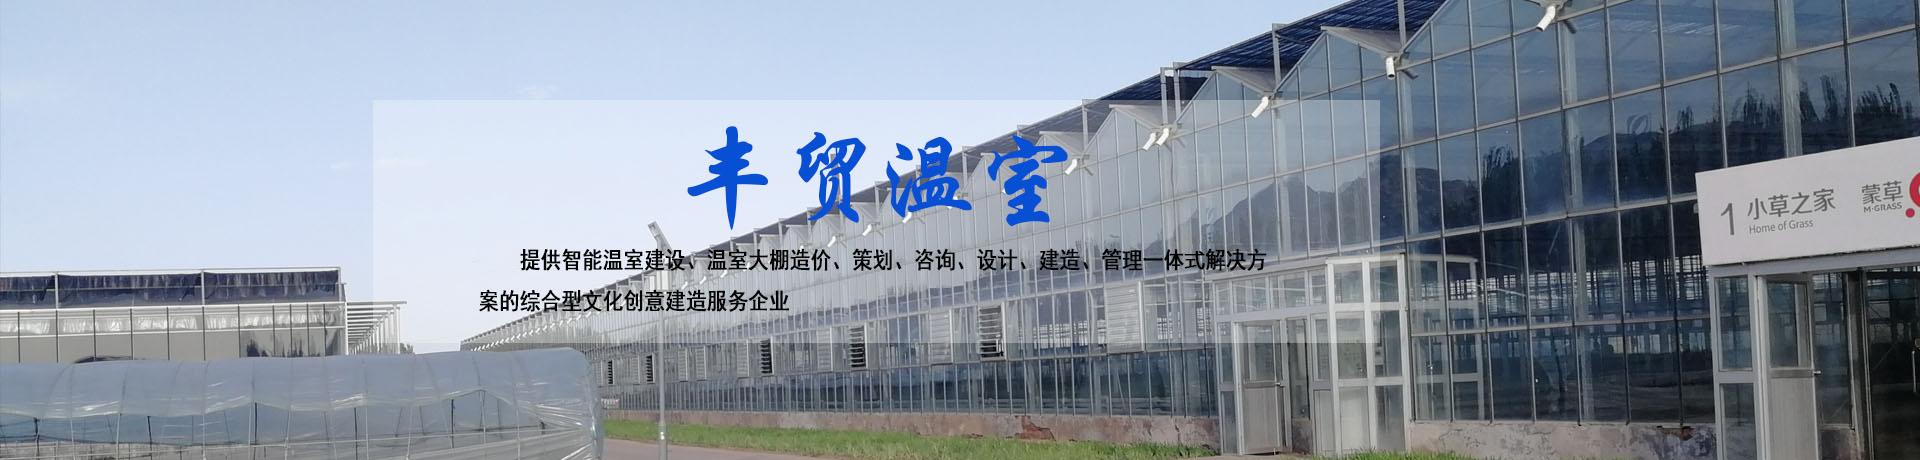 山东农业物联网建设公司